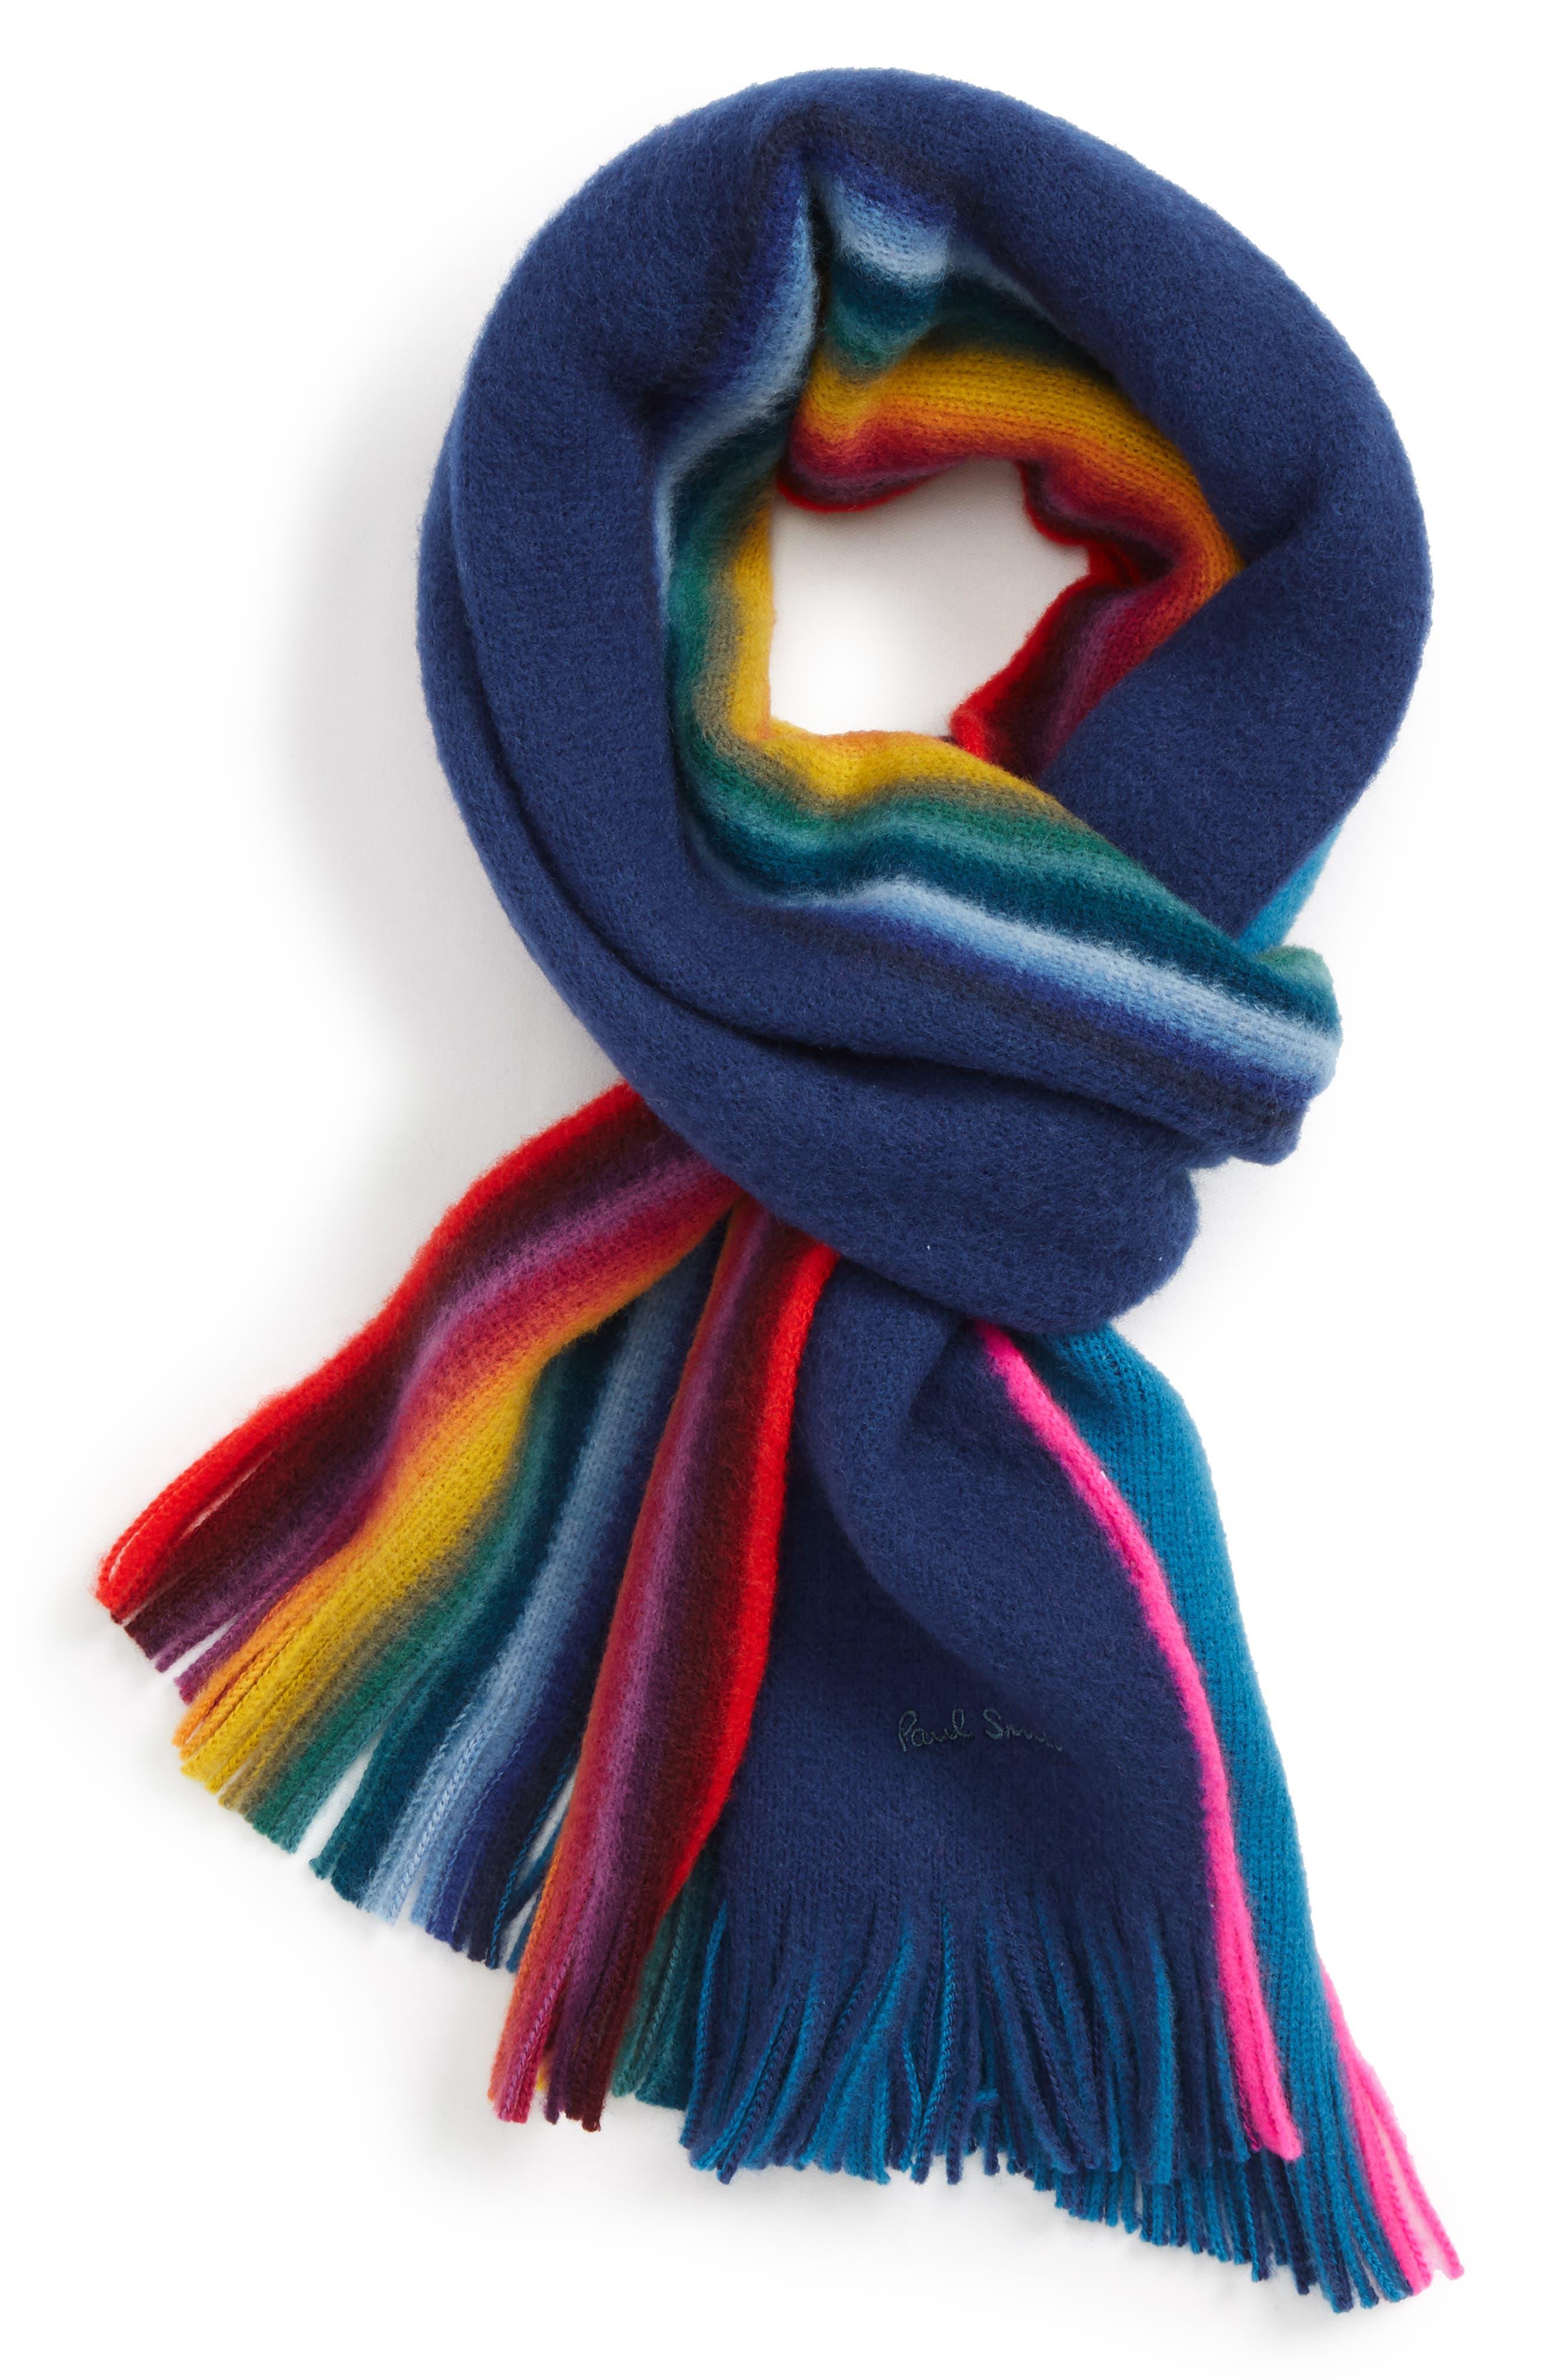 Paul Smith Rainbow Edge Wool Scarf